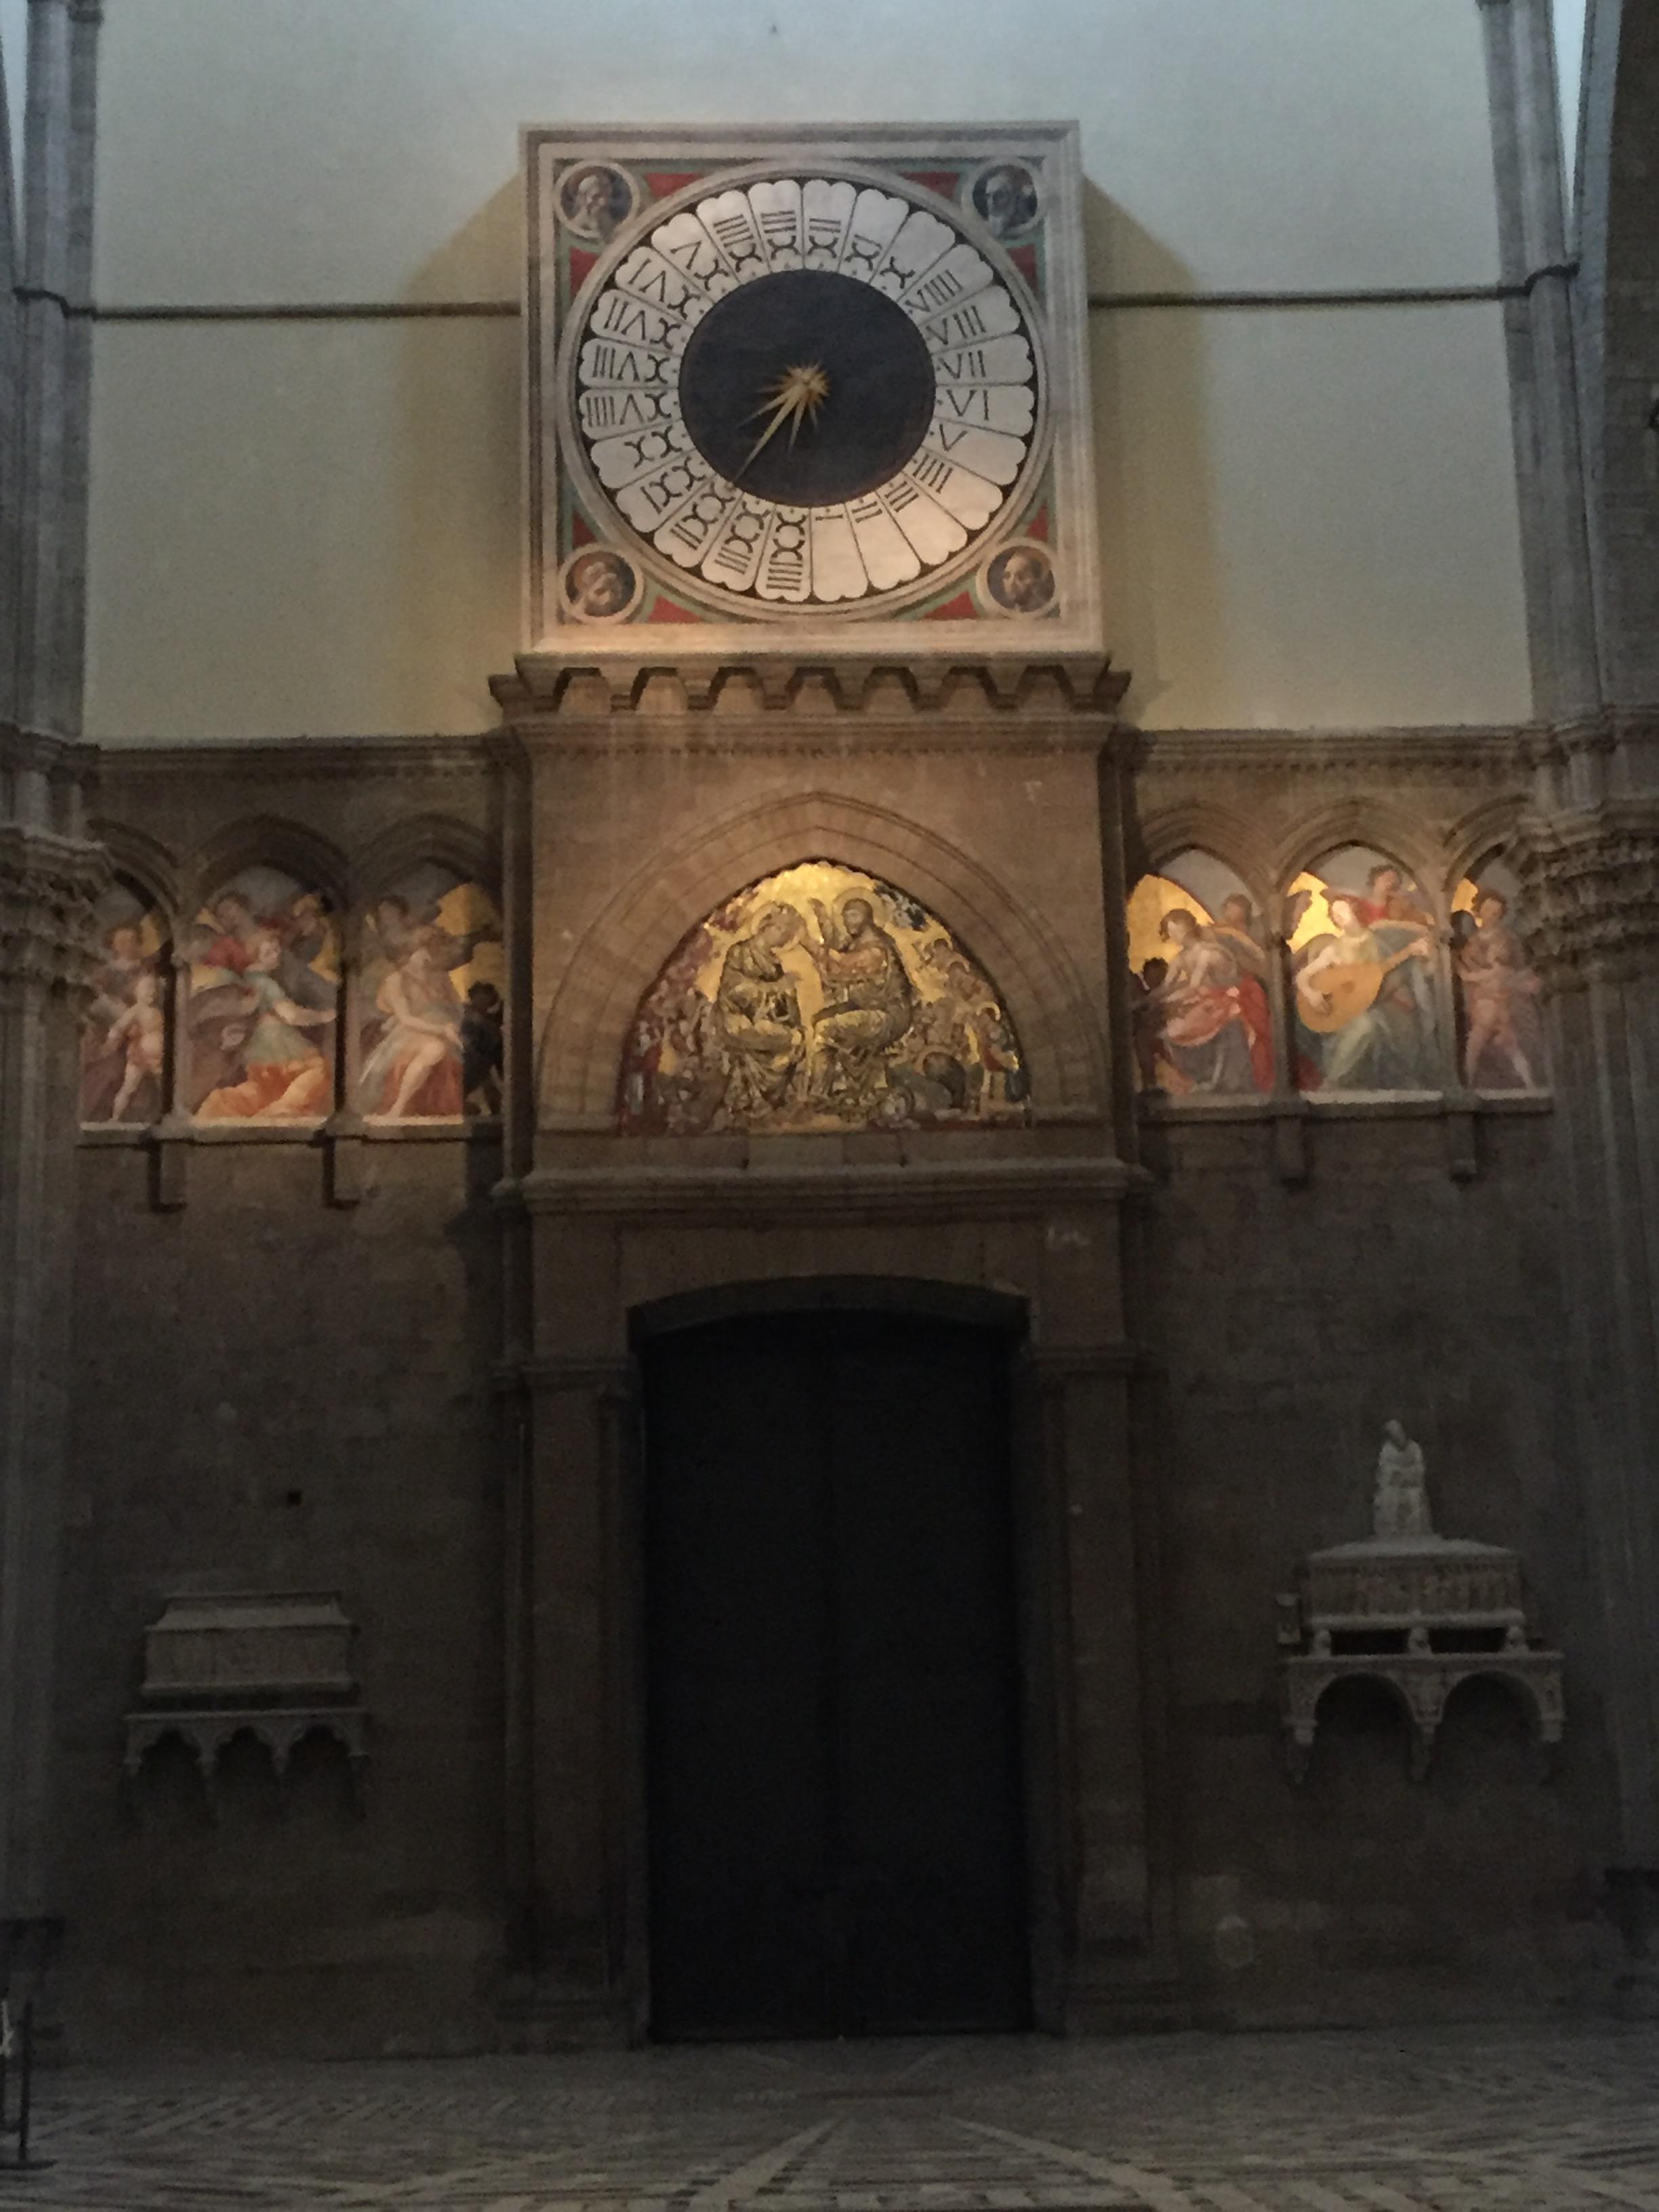 img 0861 - Visitando la Catedral Santa Maria del Fiore de Florencia III/III